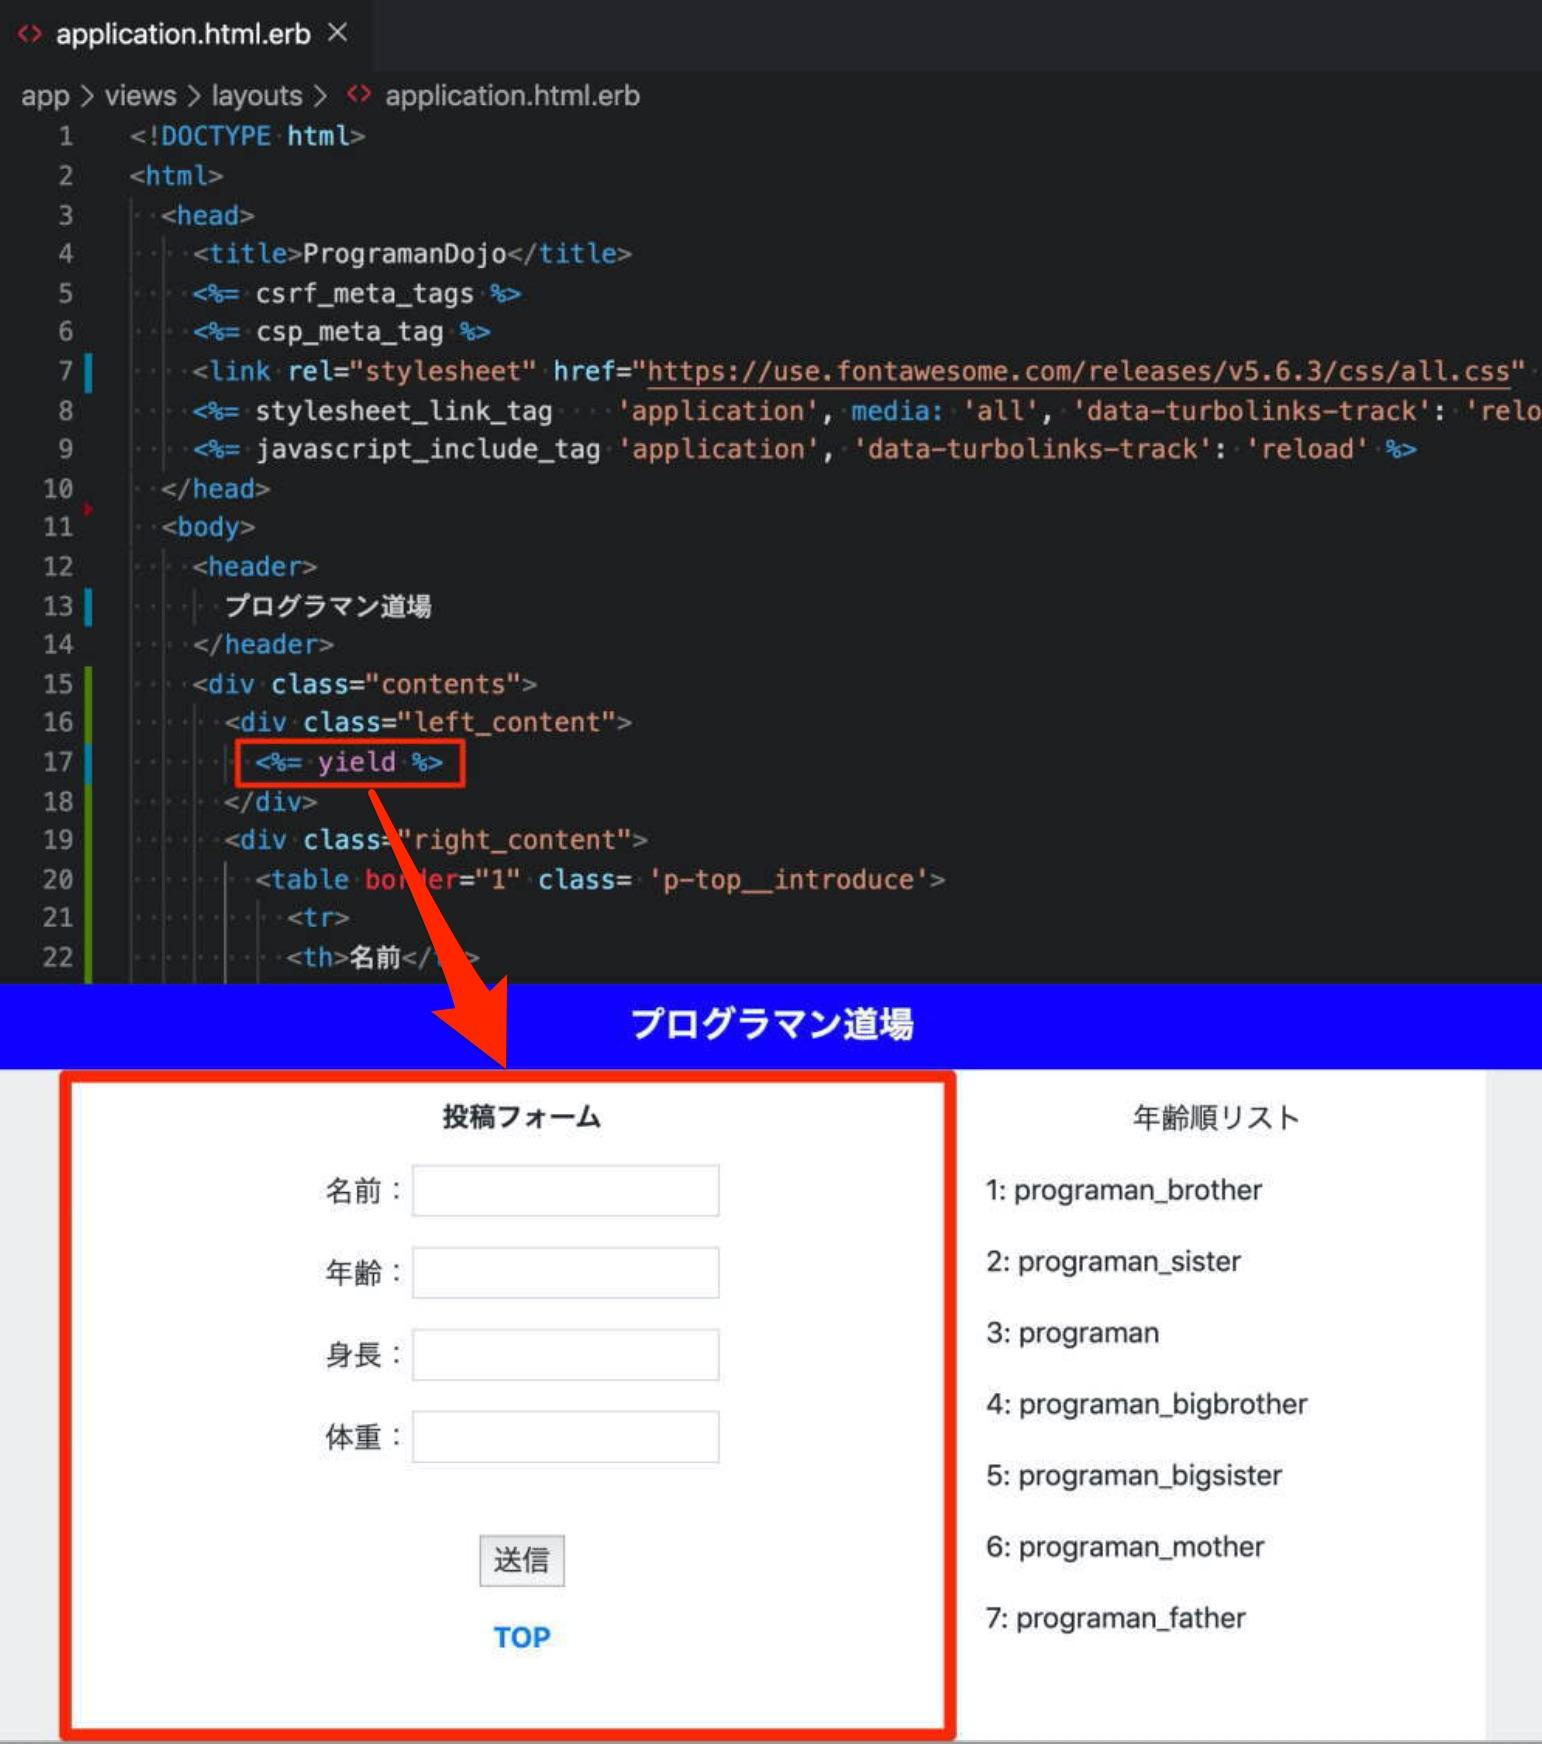 レイアウトファイルの仕組み2